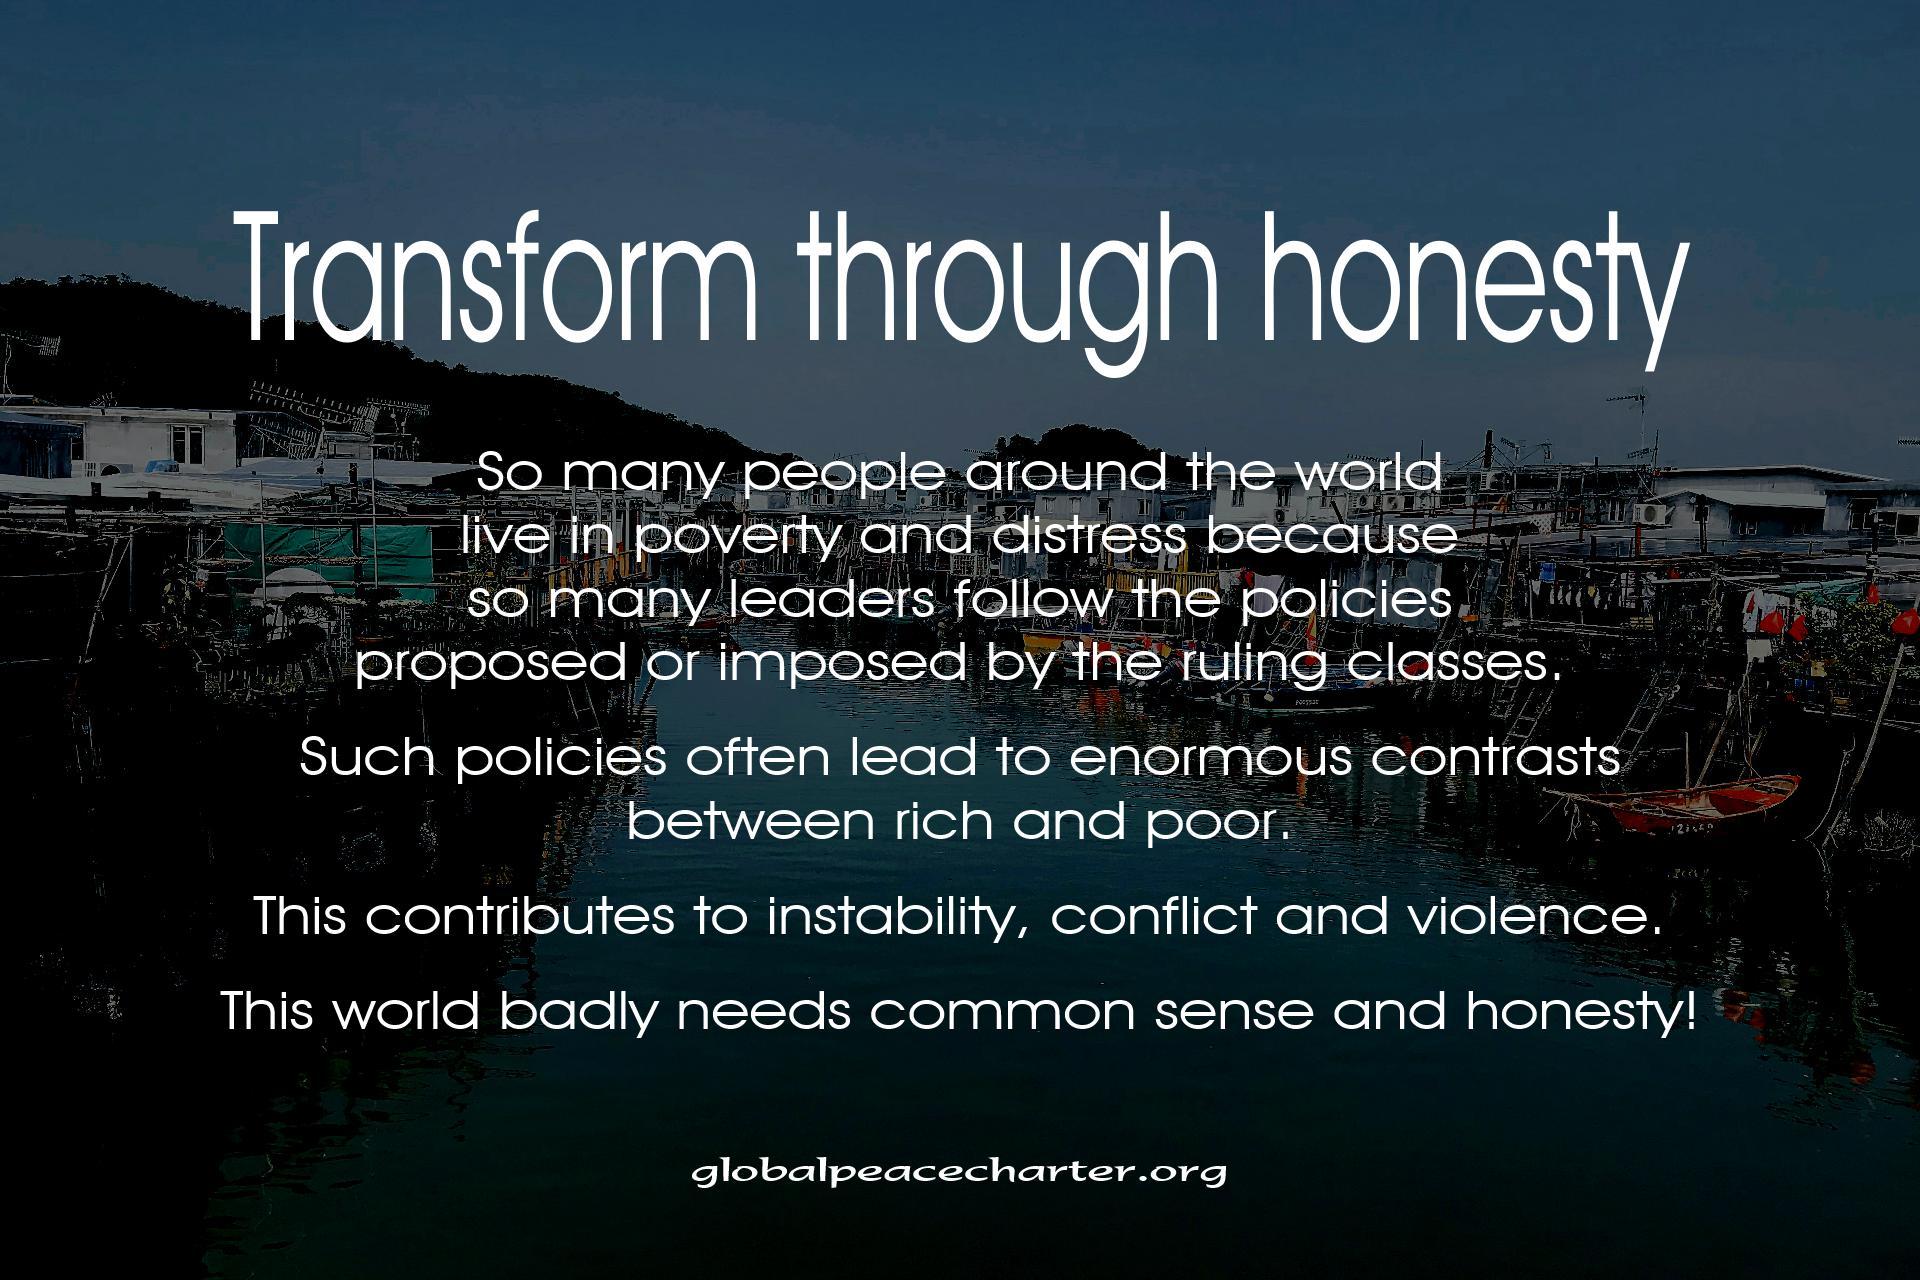 Transform through honesty